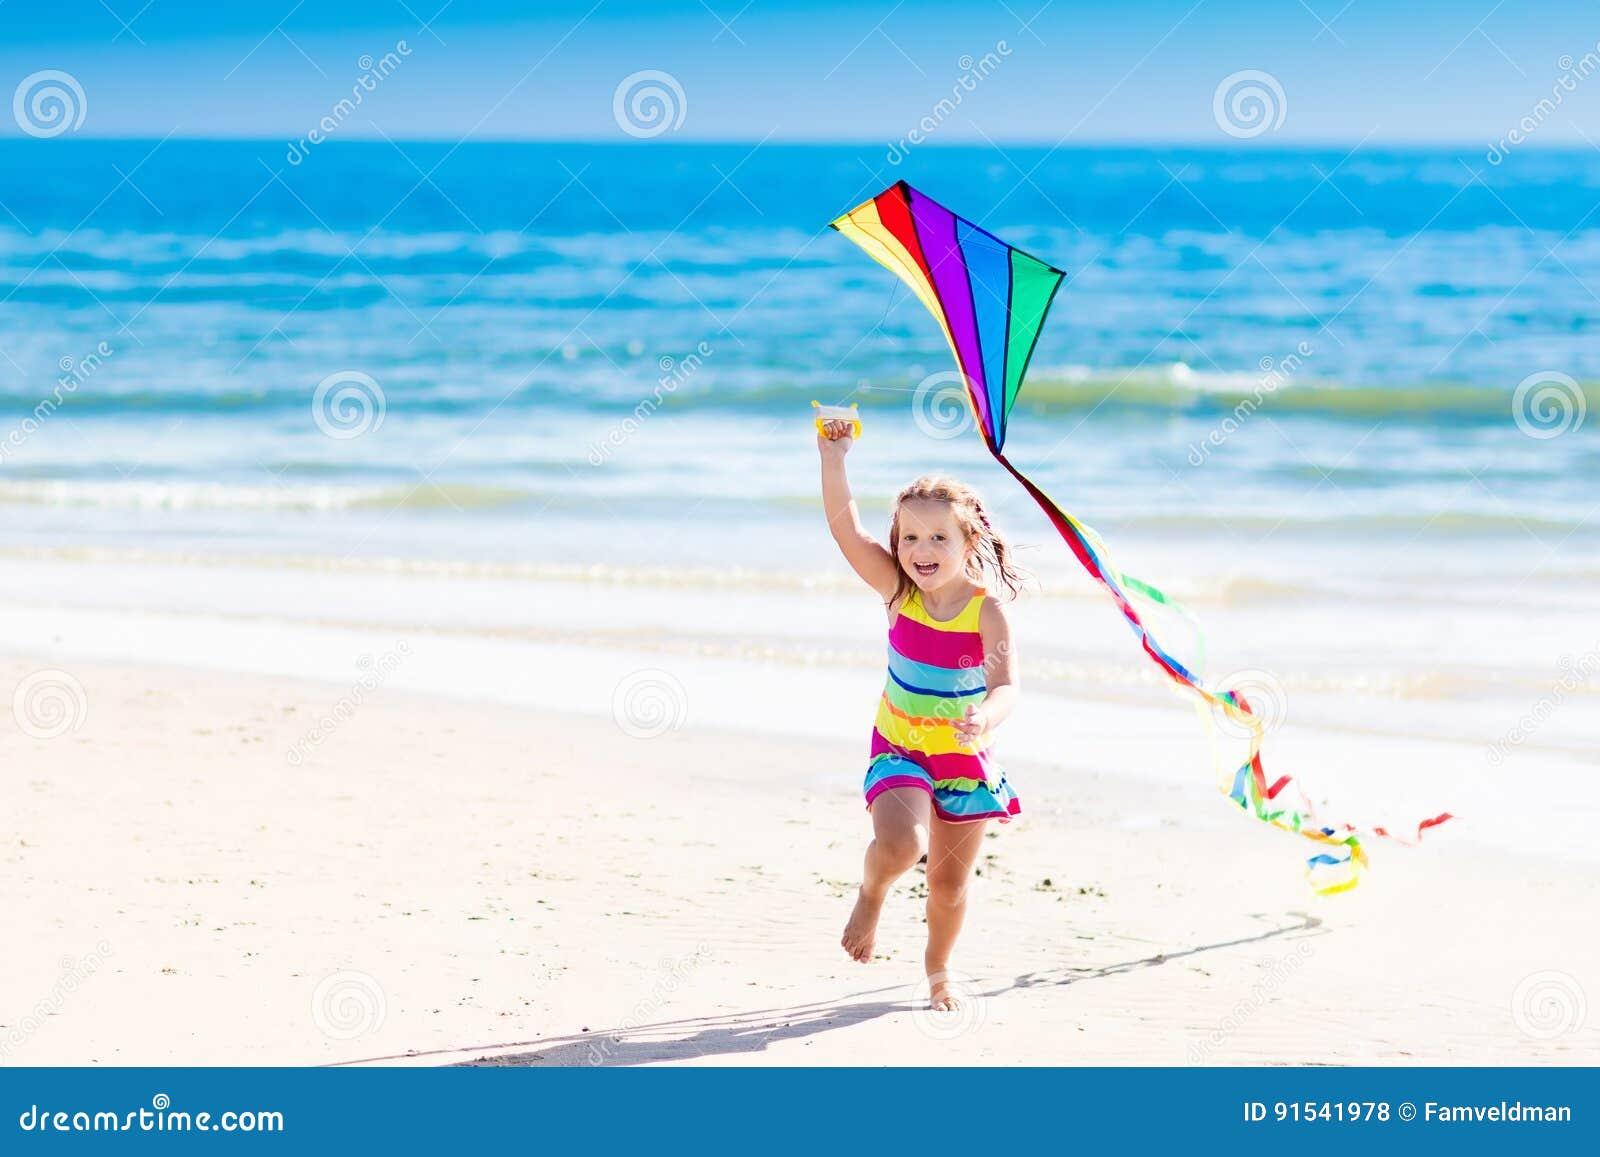 Aquilone di volo del bambino sulla spiaggia tropicale